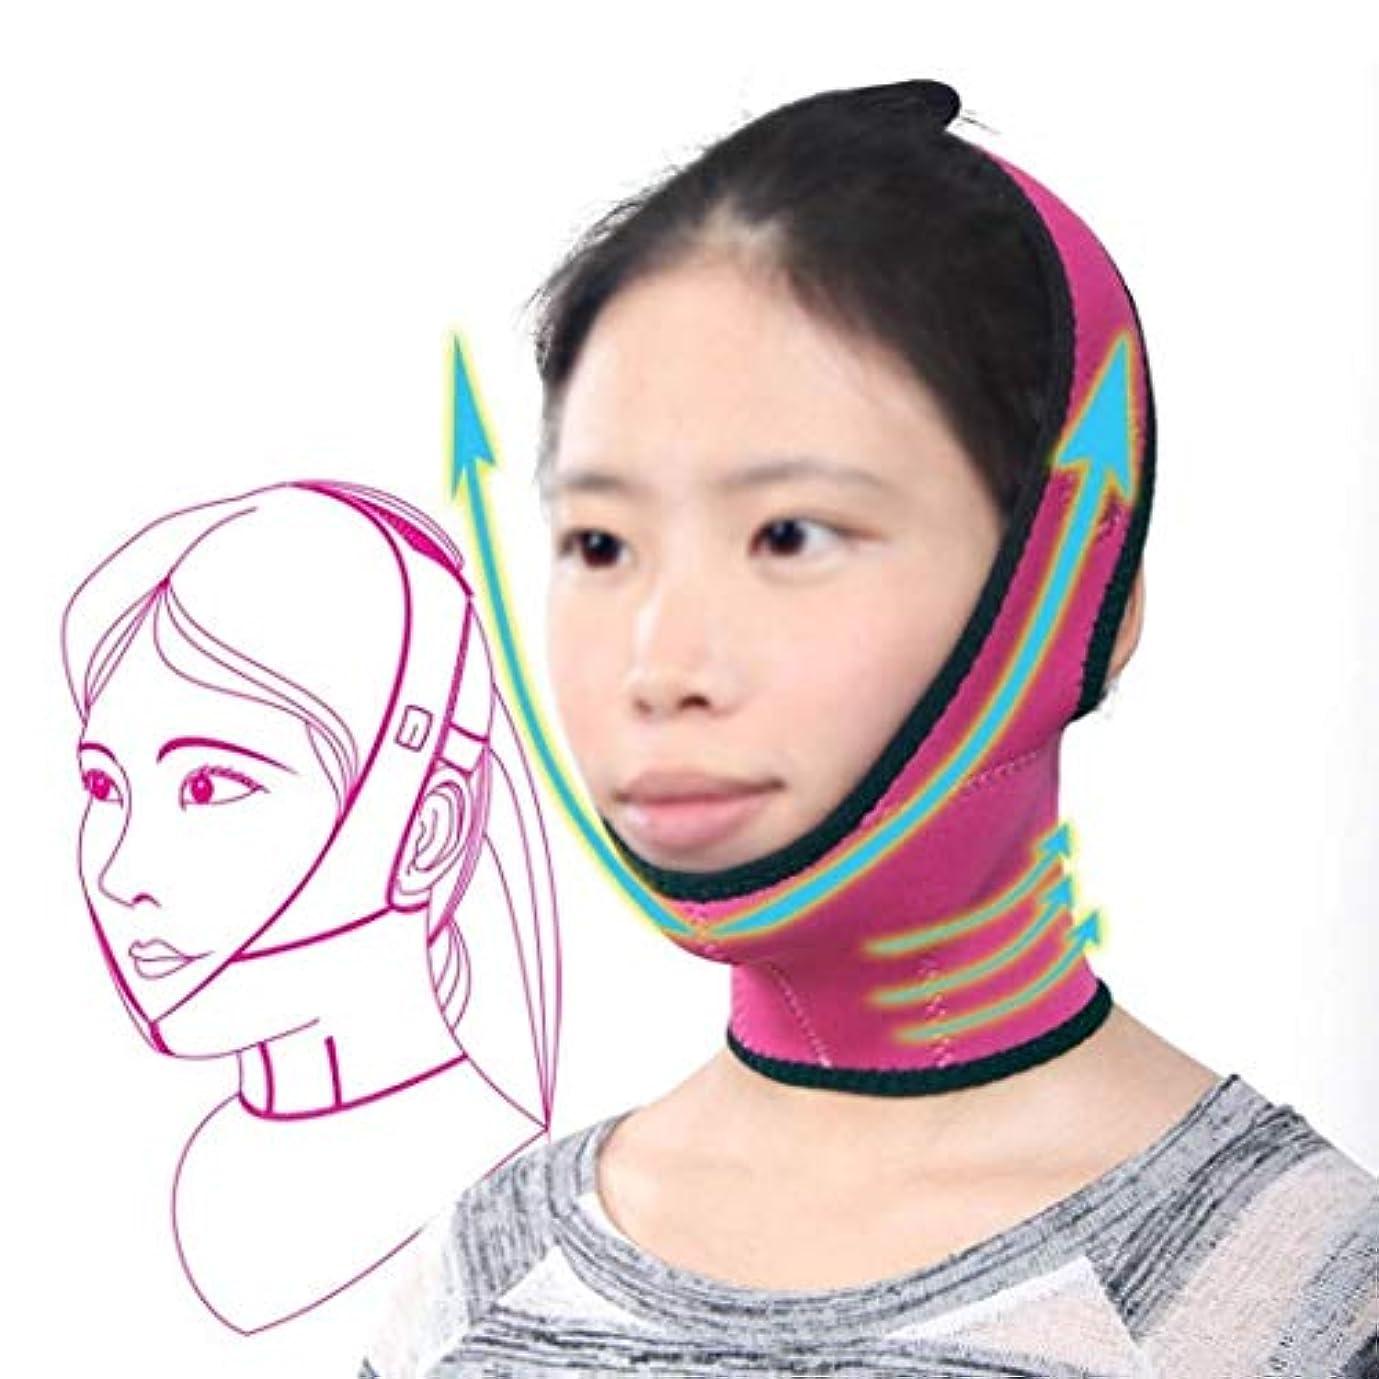 バッフルライバルやるフェイスリフトマスク、スリミングベルトフェイスマスク強力なリフティング小さなV顔薄い顔包帯美容美容リフティング顔小さな顔薄いフェイスマスク